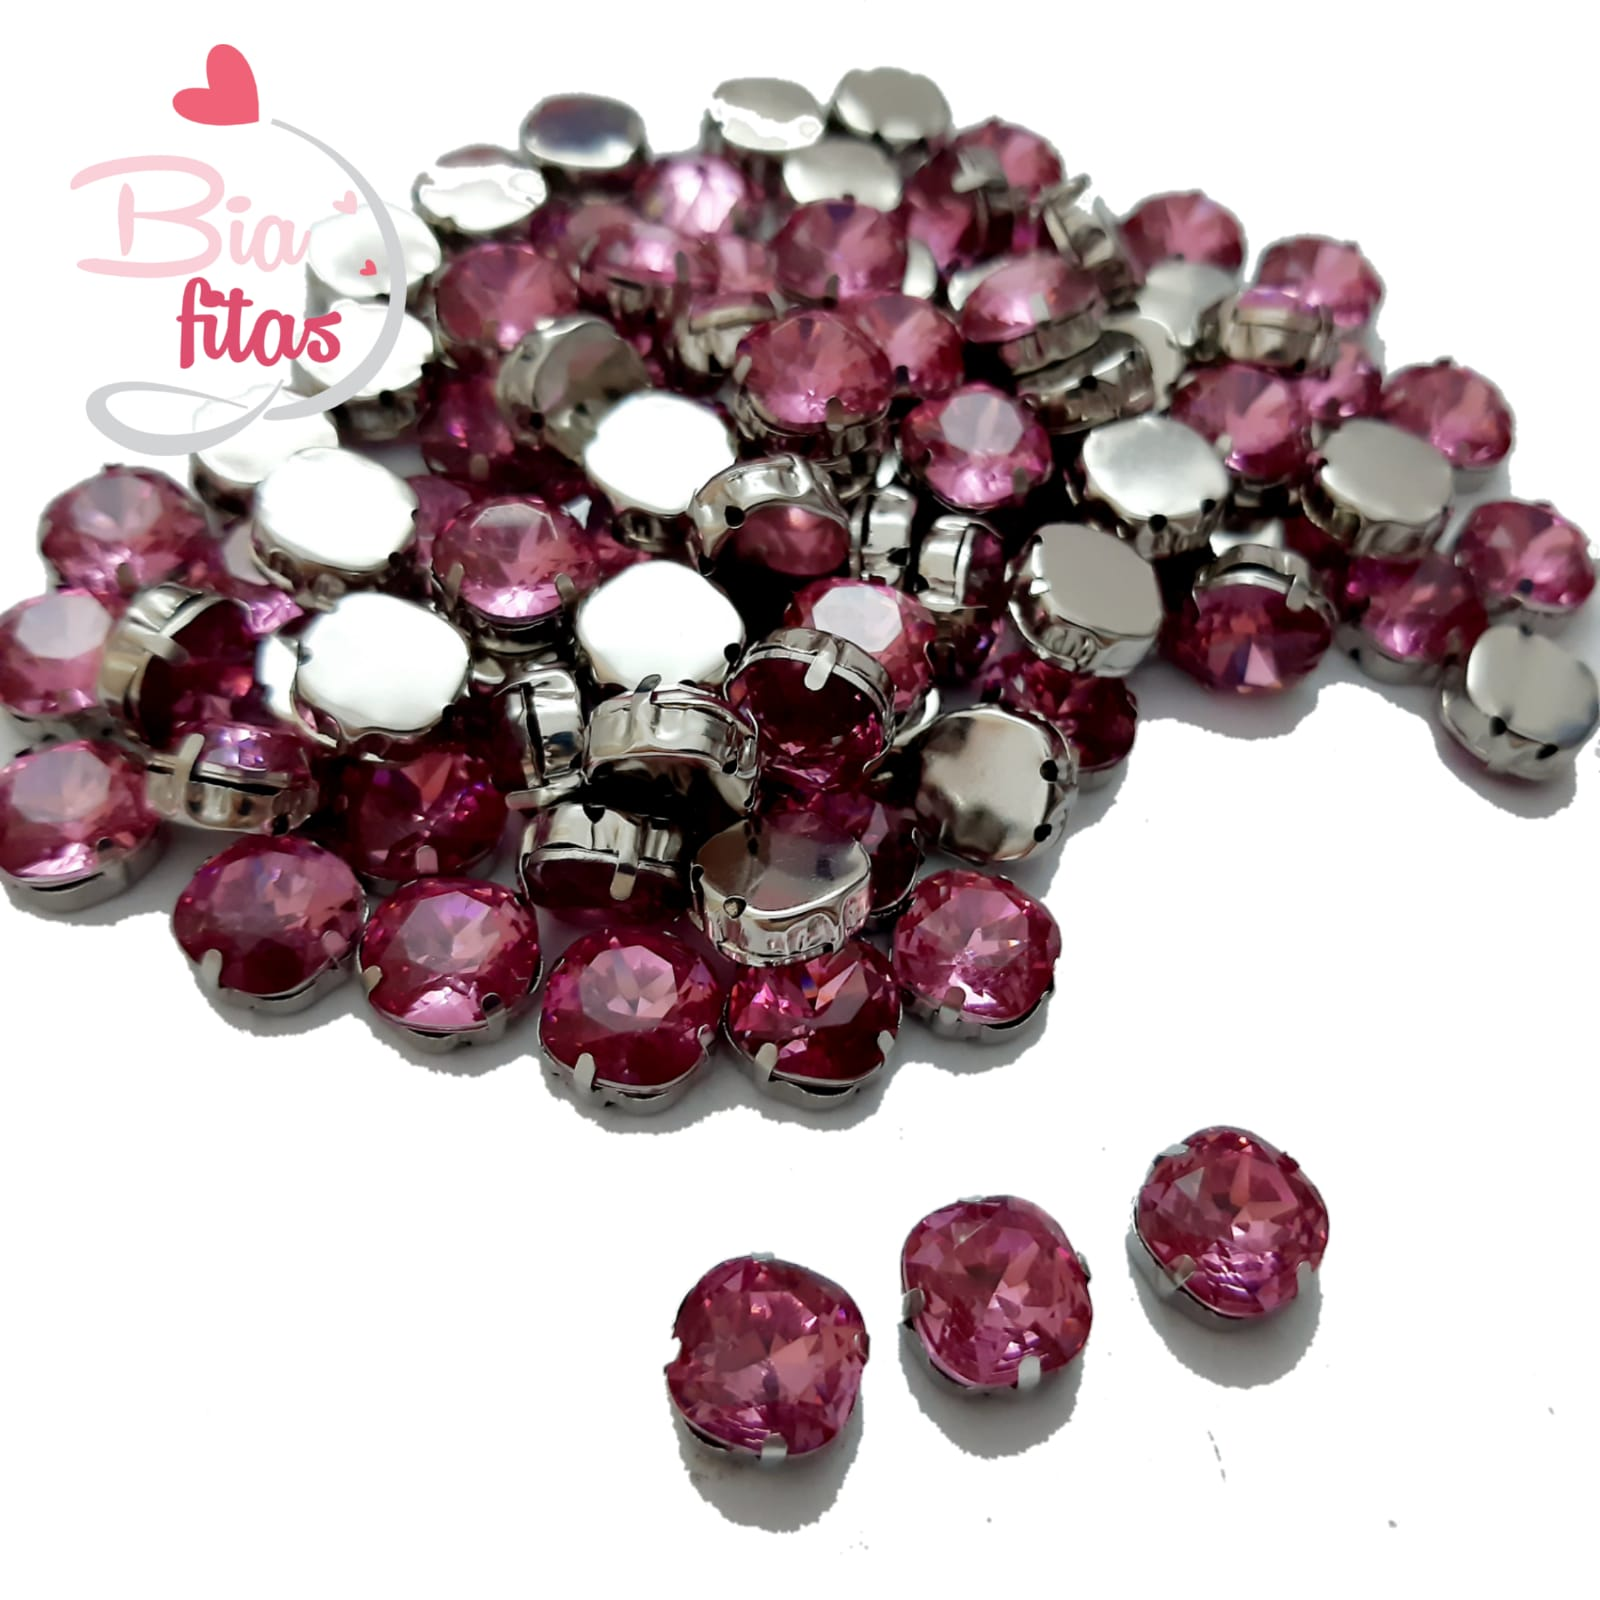 Chatom Pedra com Garras Redonda Rosa (5unidades)